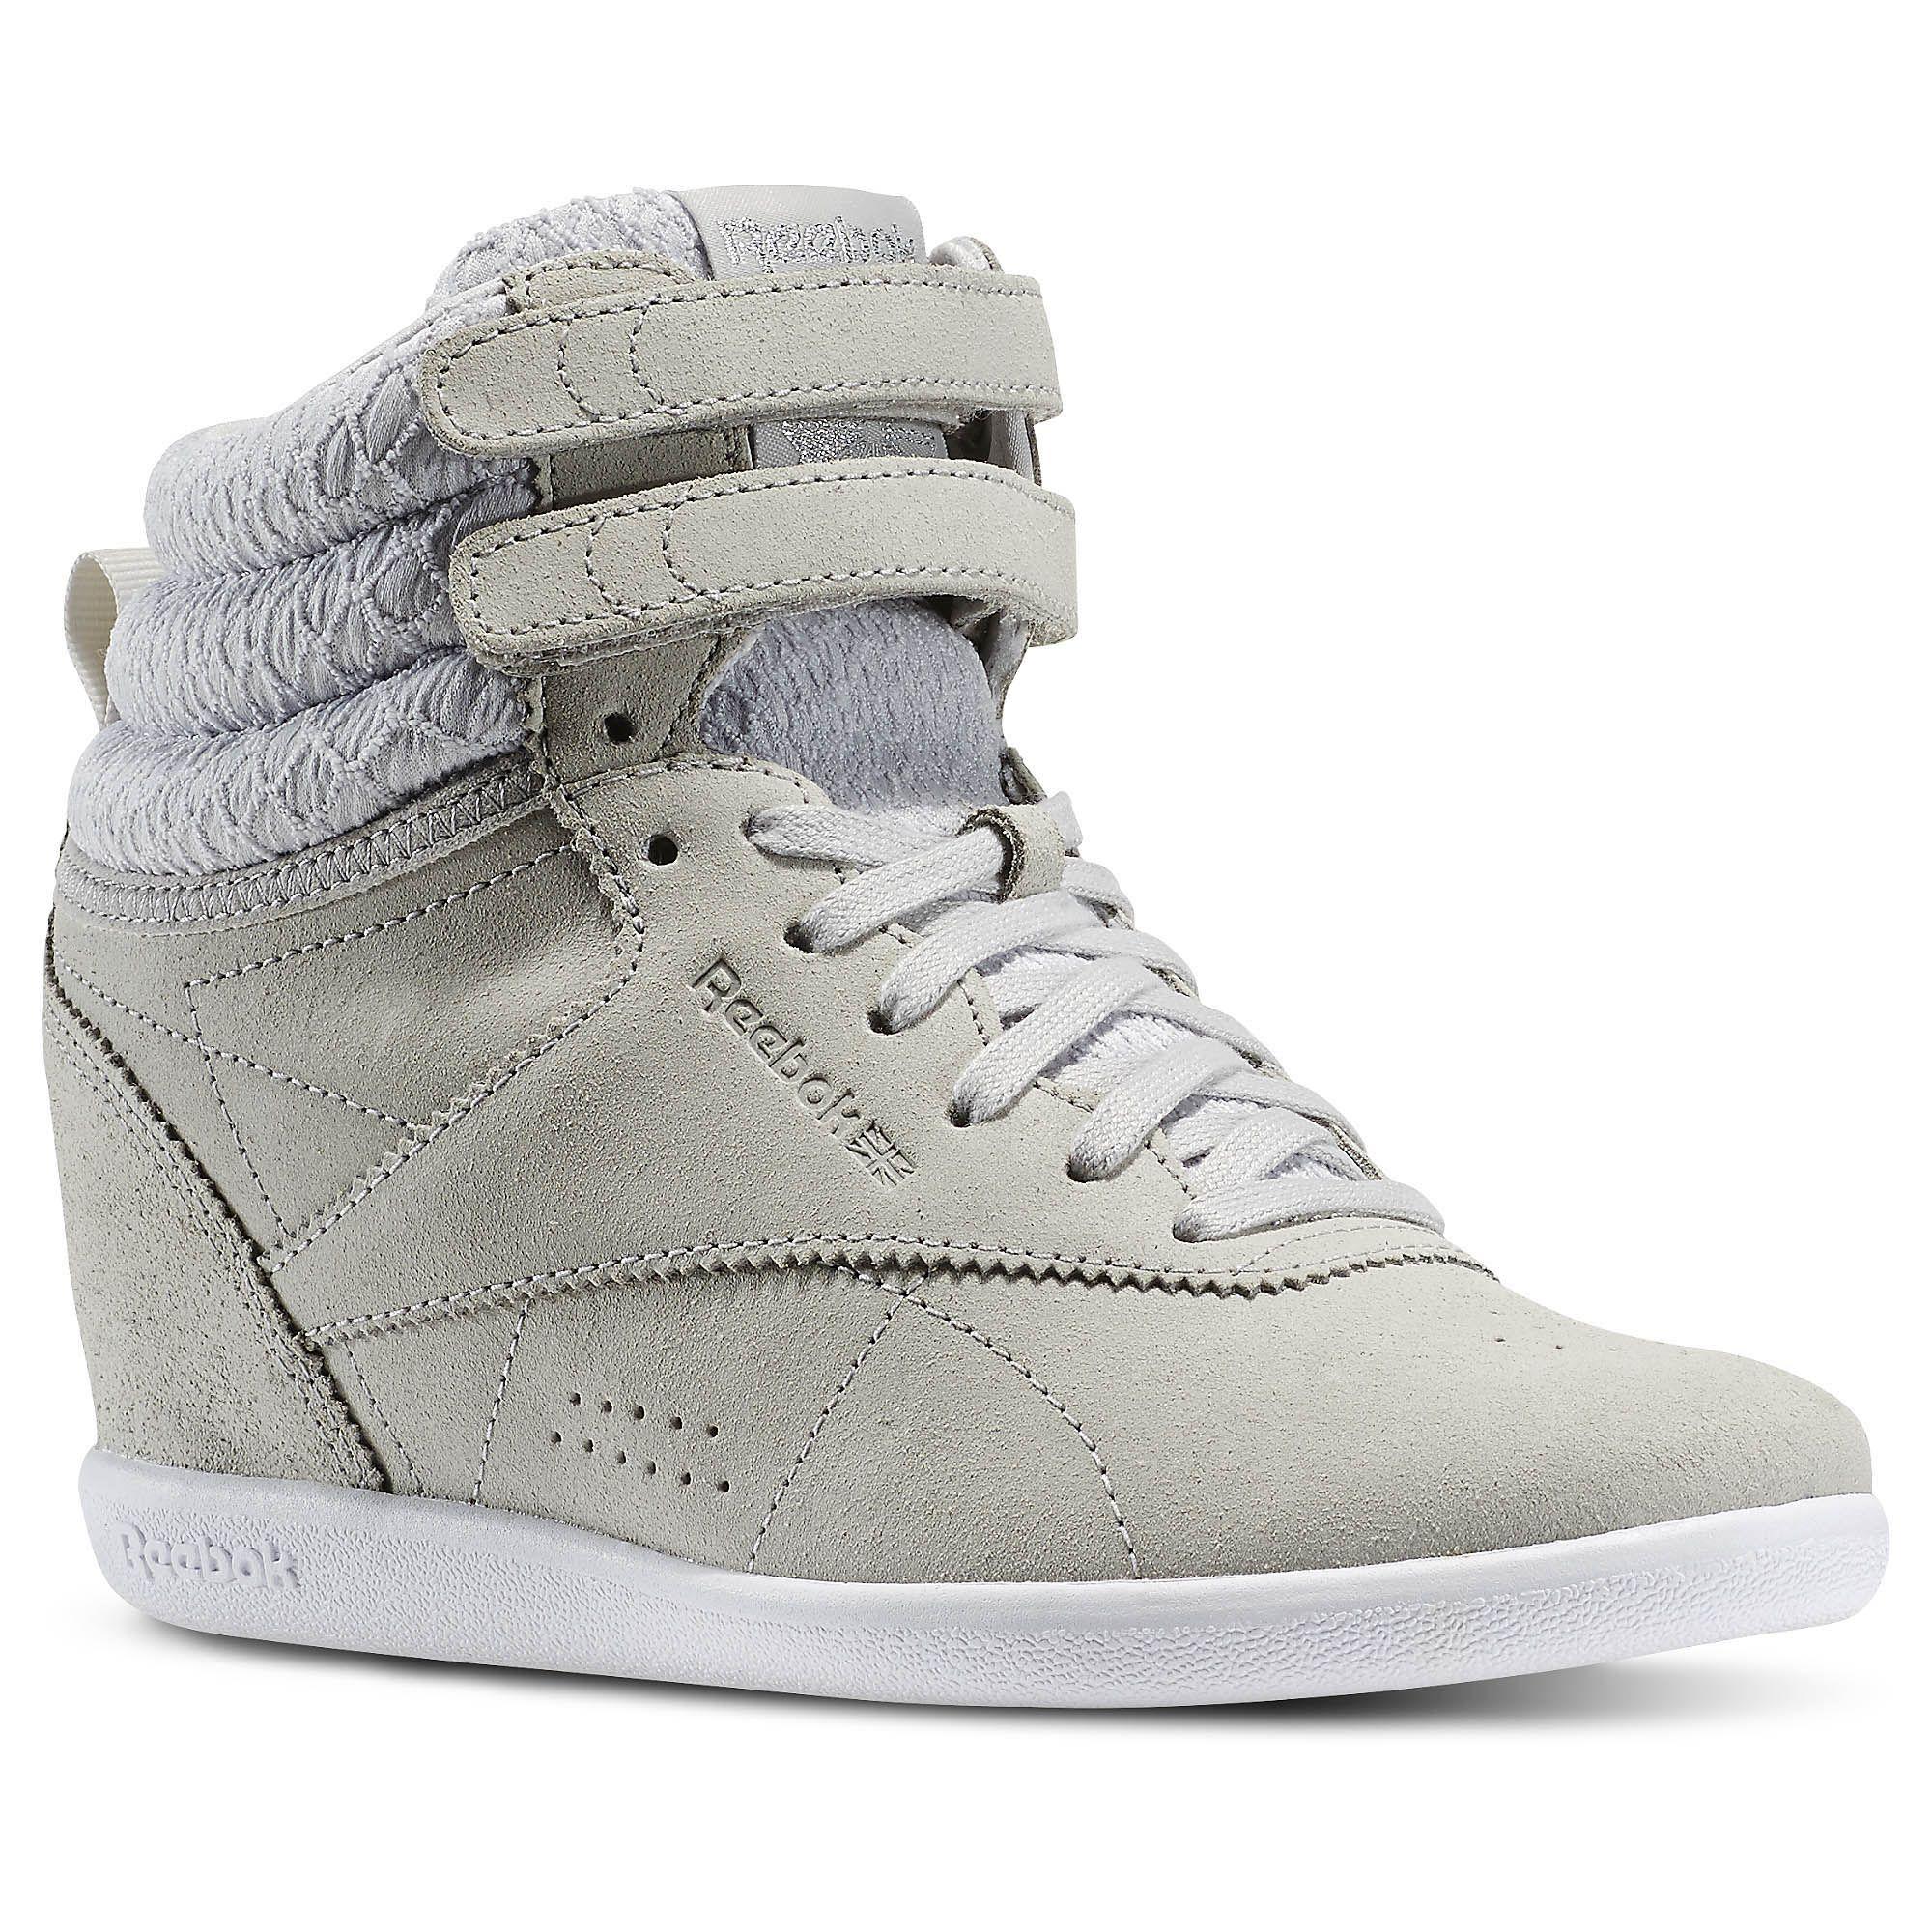 zapatos tacticos reebok blancas